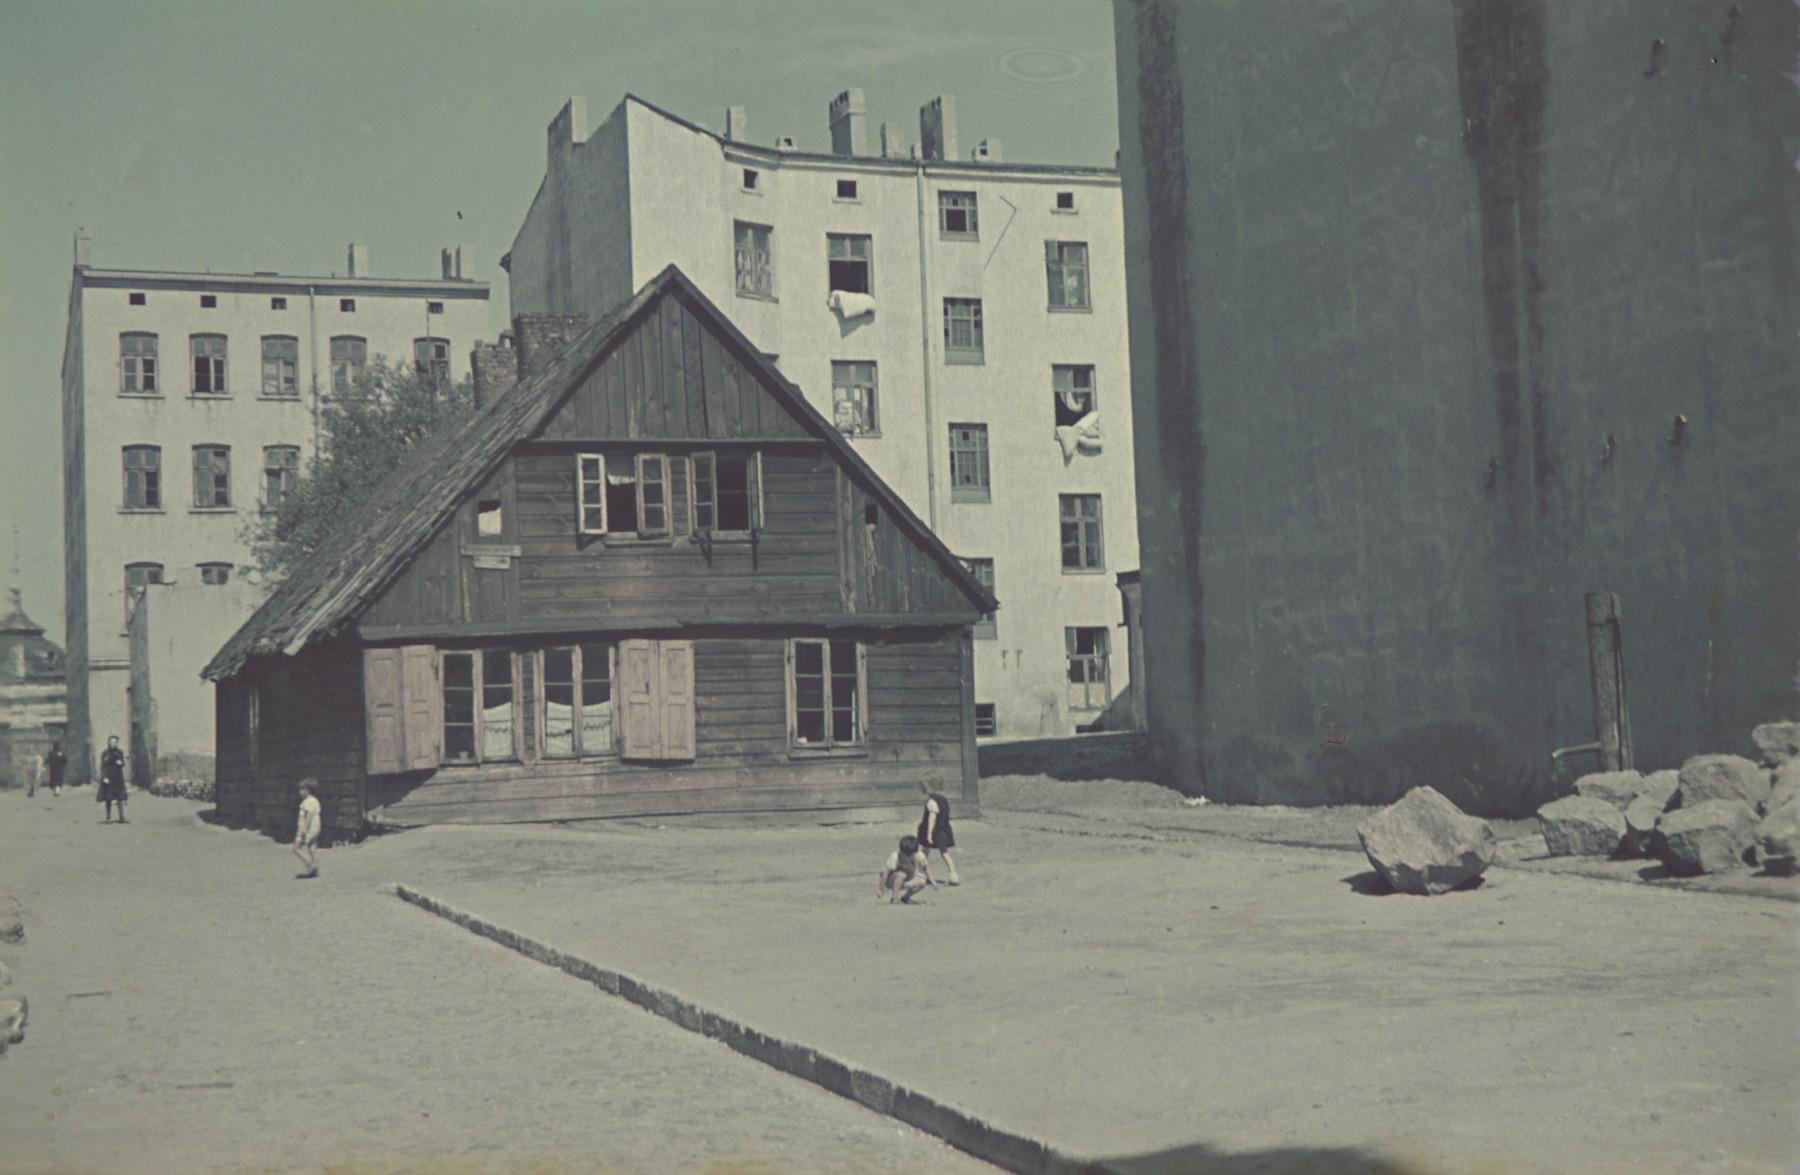 A street scene in the Lodz ghetto.